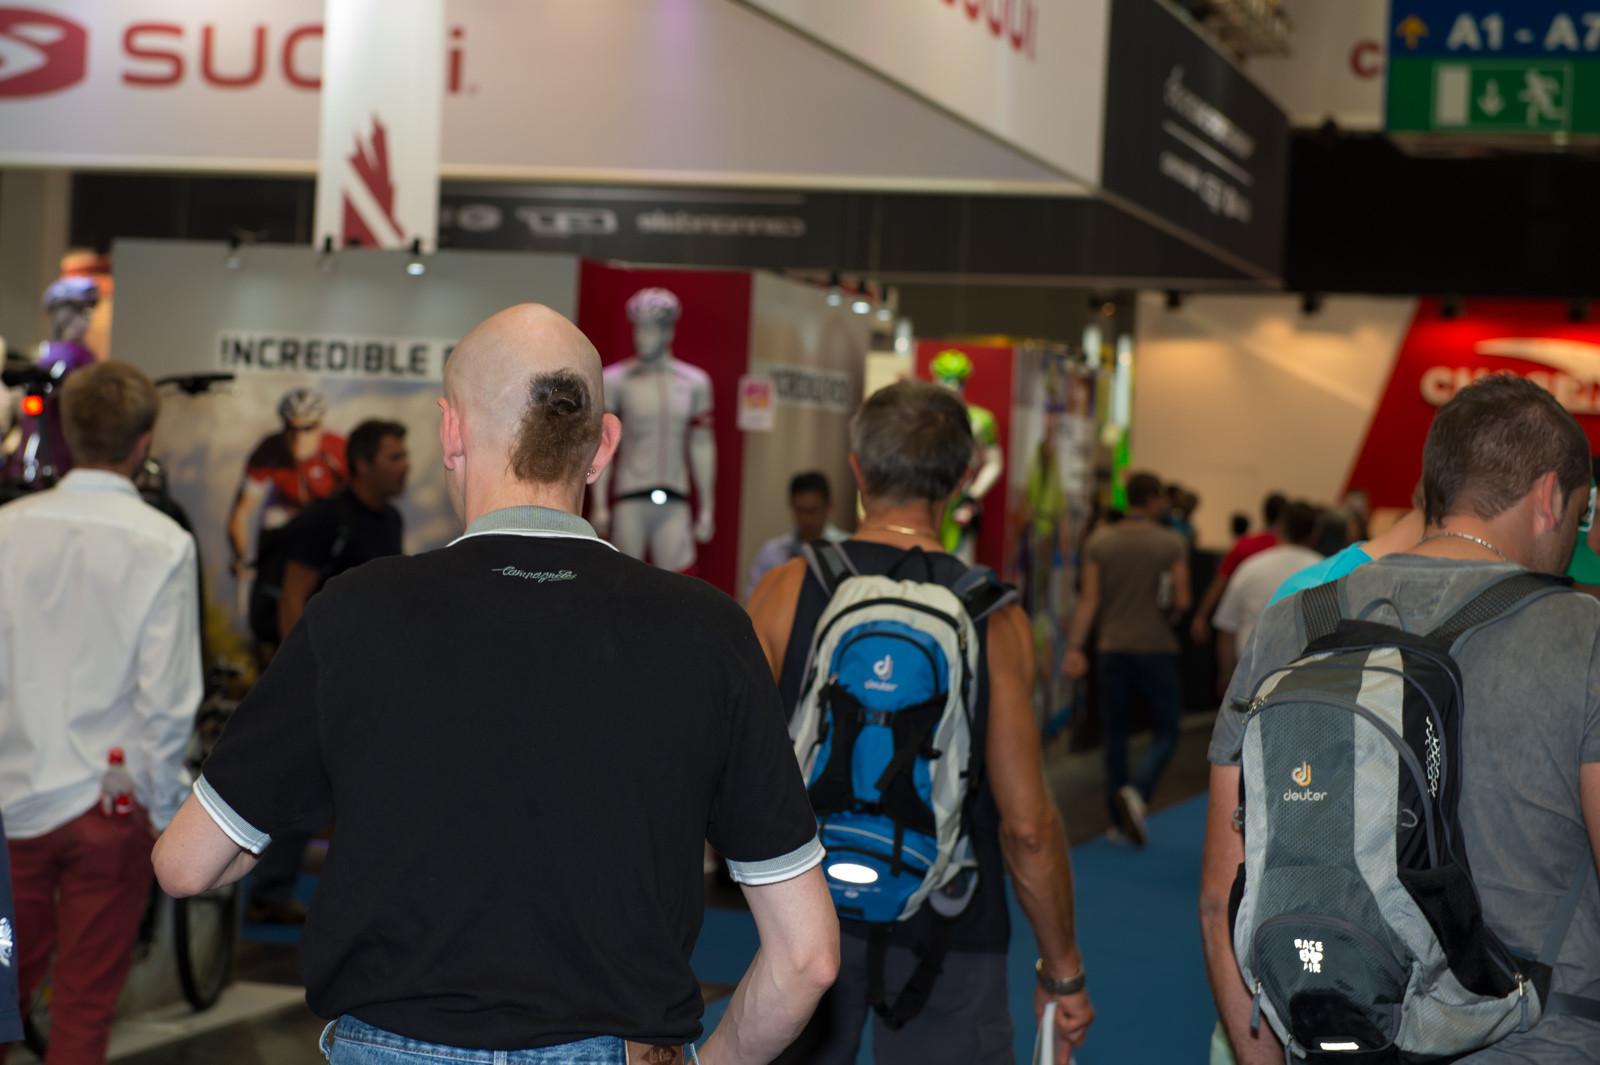 Euro Hair - Randoms at Eurobike 2013 - Mountain Biking Pictures - Vital MTB